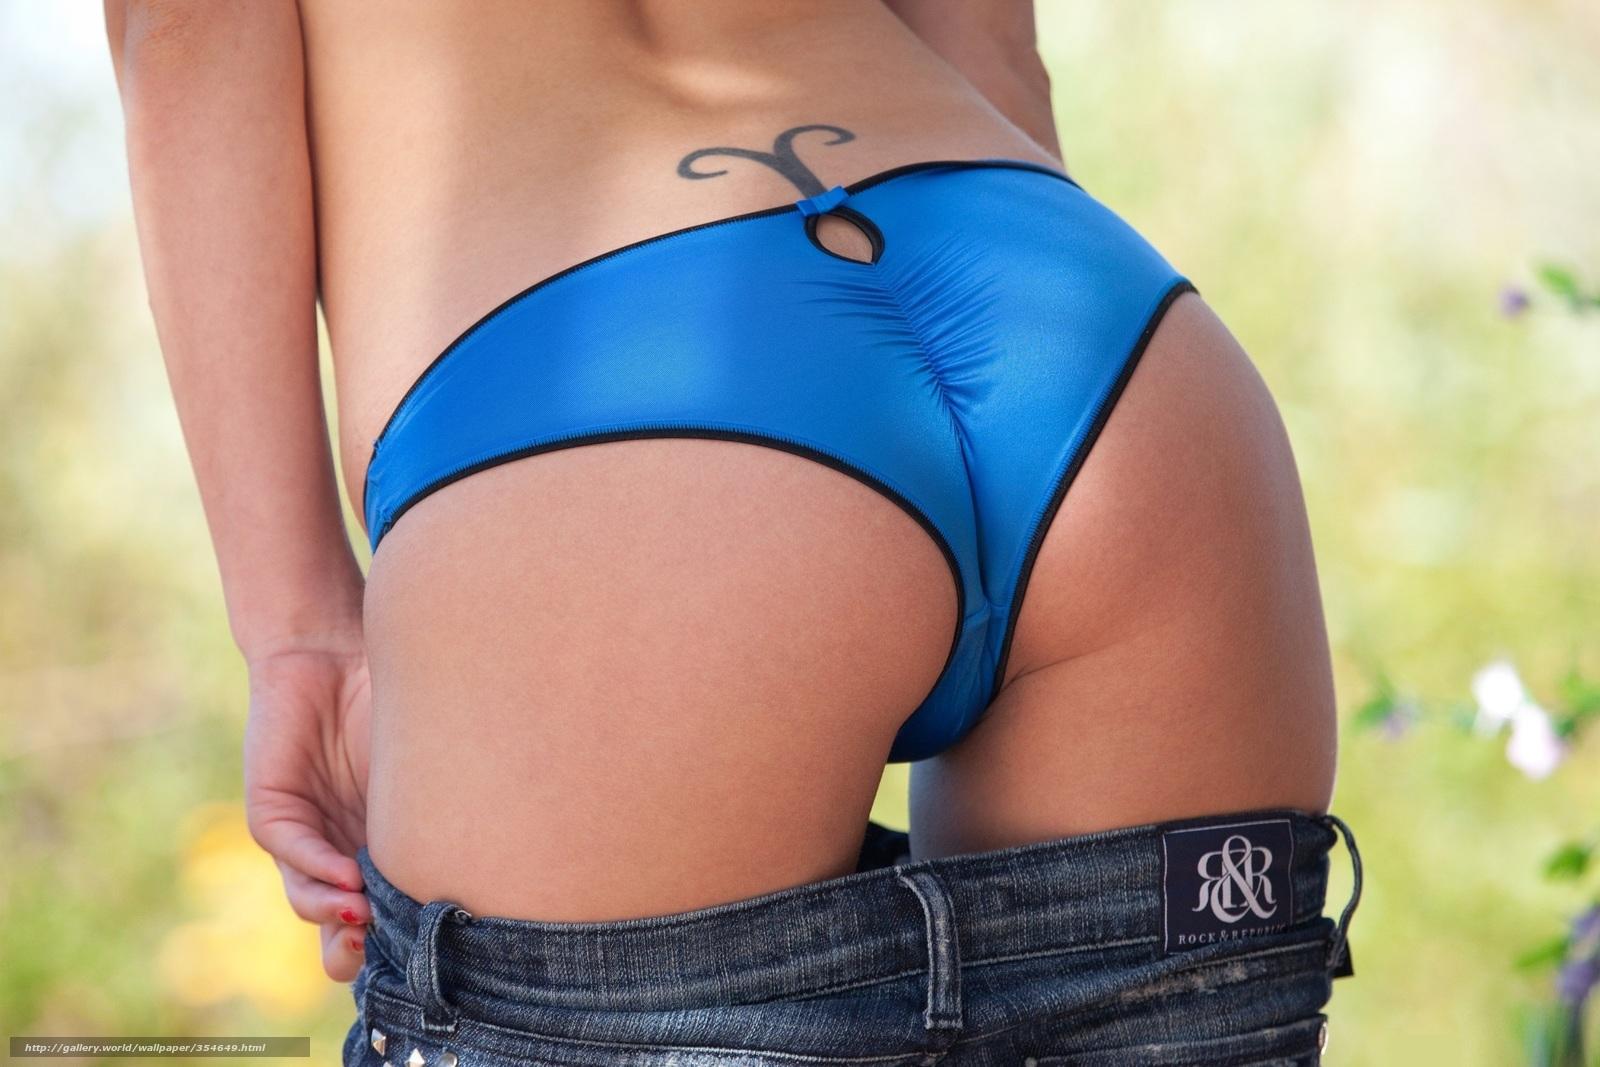 У девушки из под джинсов видно попку 1 фотография